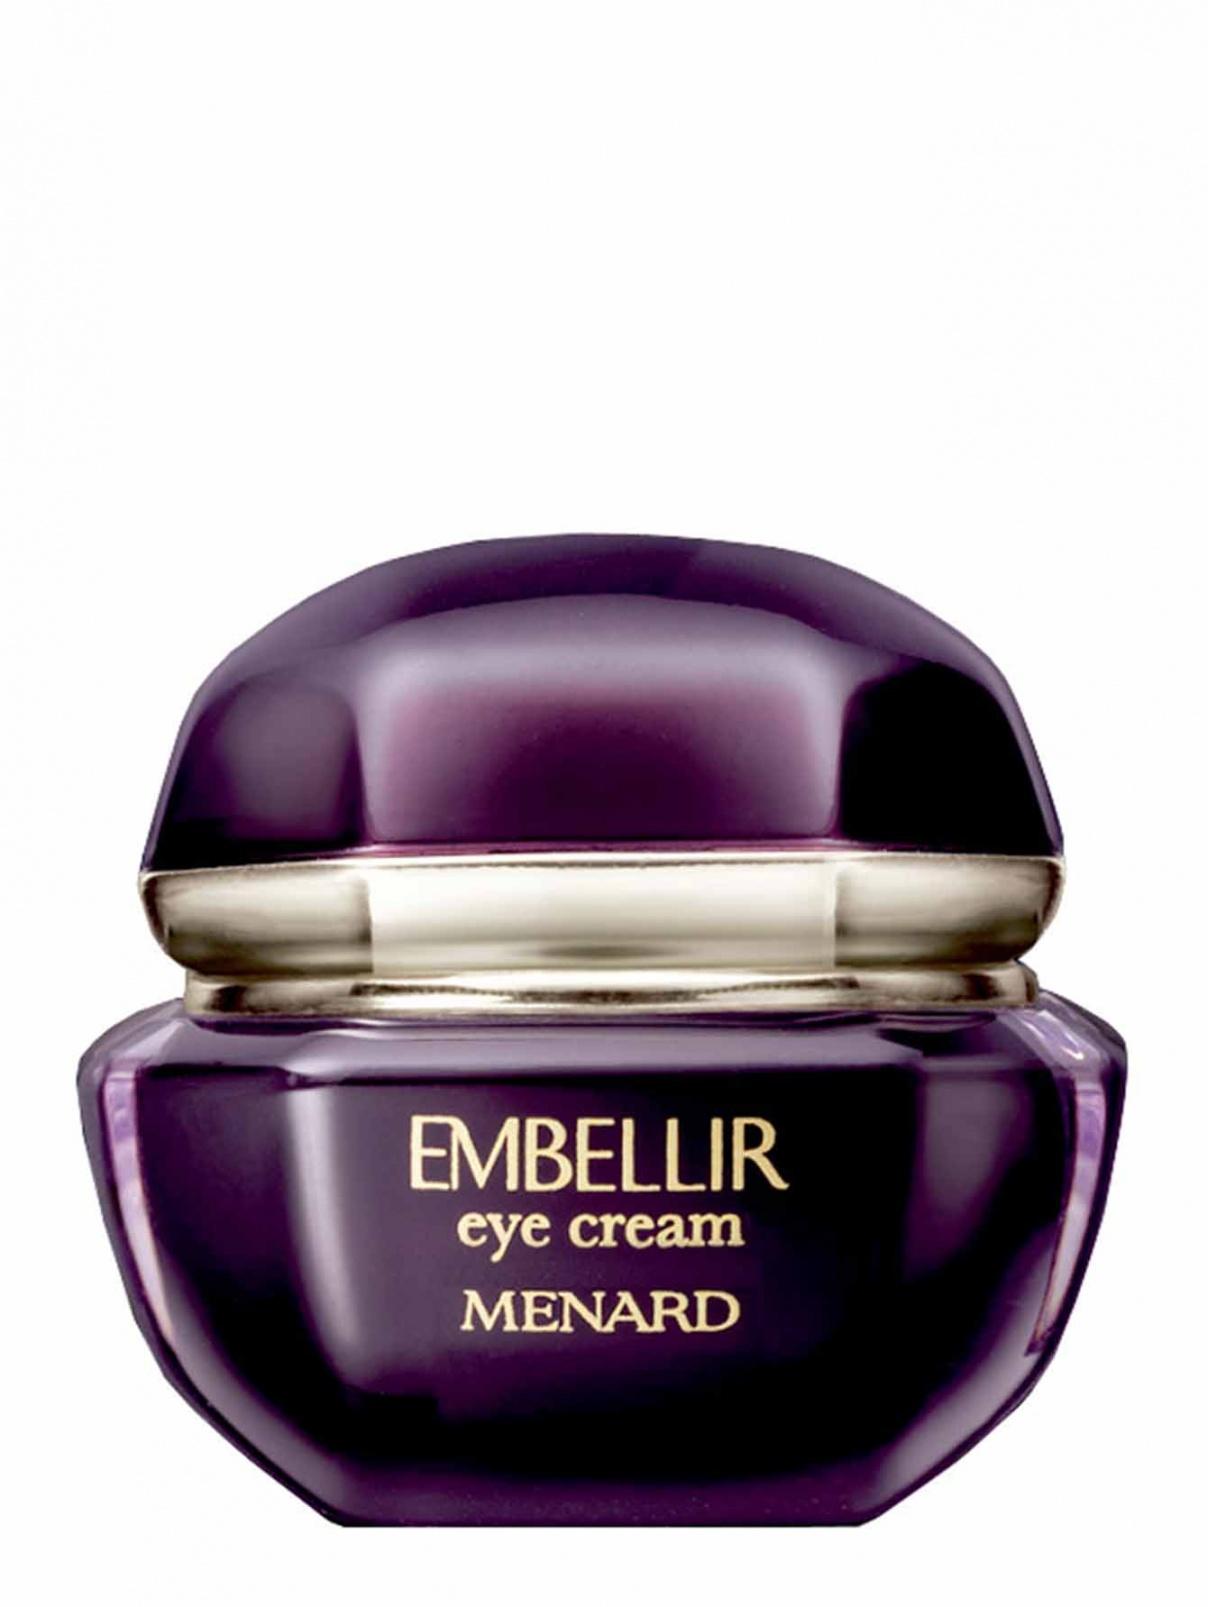 Крем -актив для кожи вокруг глаз Embellir Menard  –  Общий вид